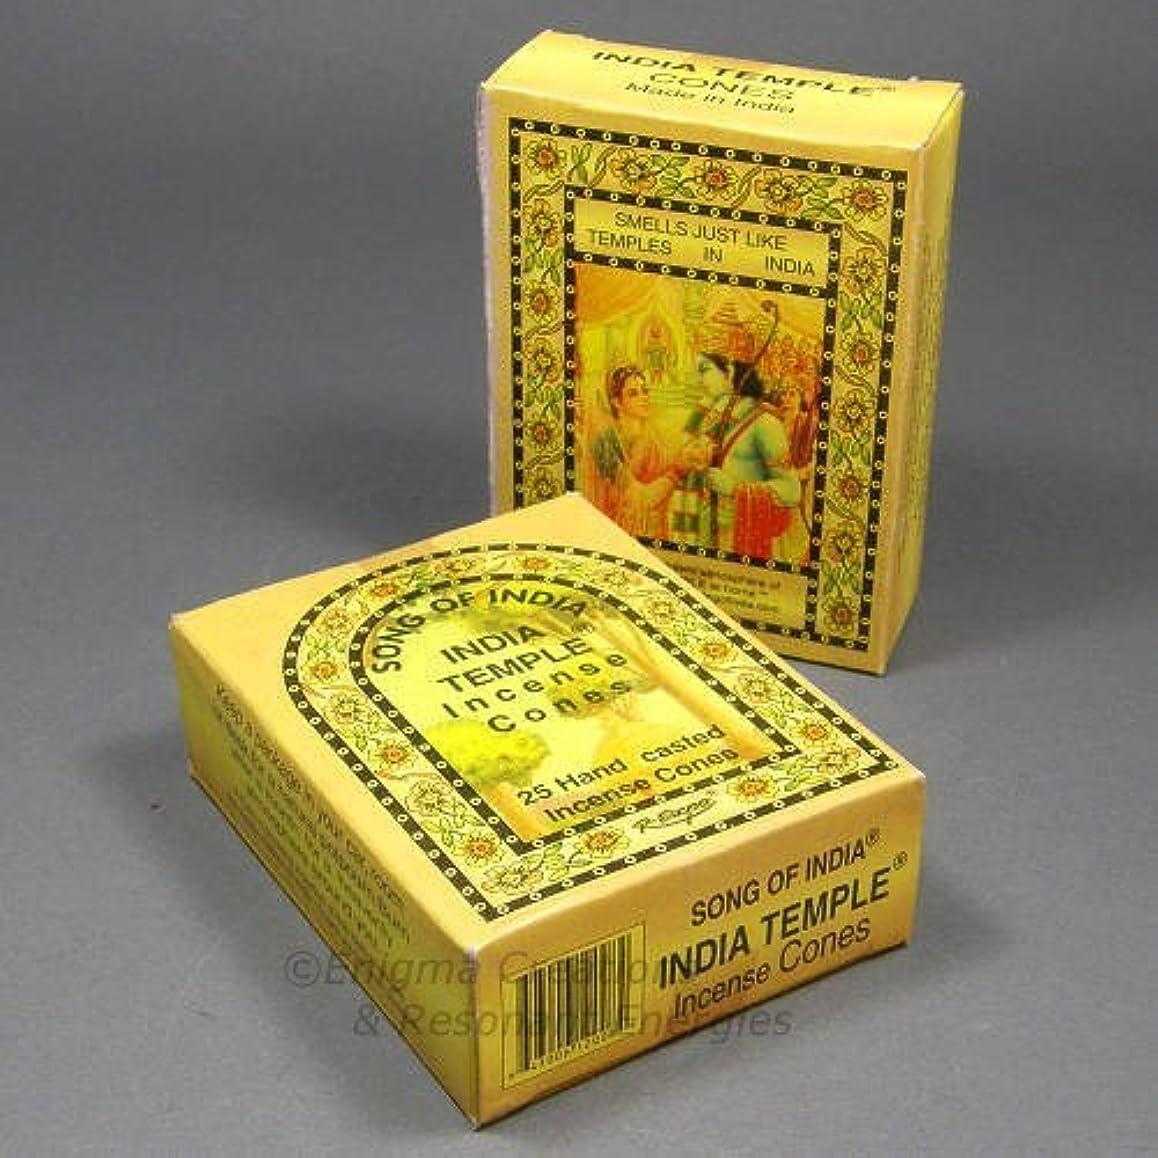 知覚する区別技術者Song of India - India Temple Cone Incense, 2 x 25 Cone Pack, 50 Cones Total, (IN7) by Song of India